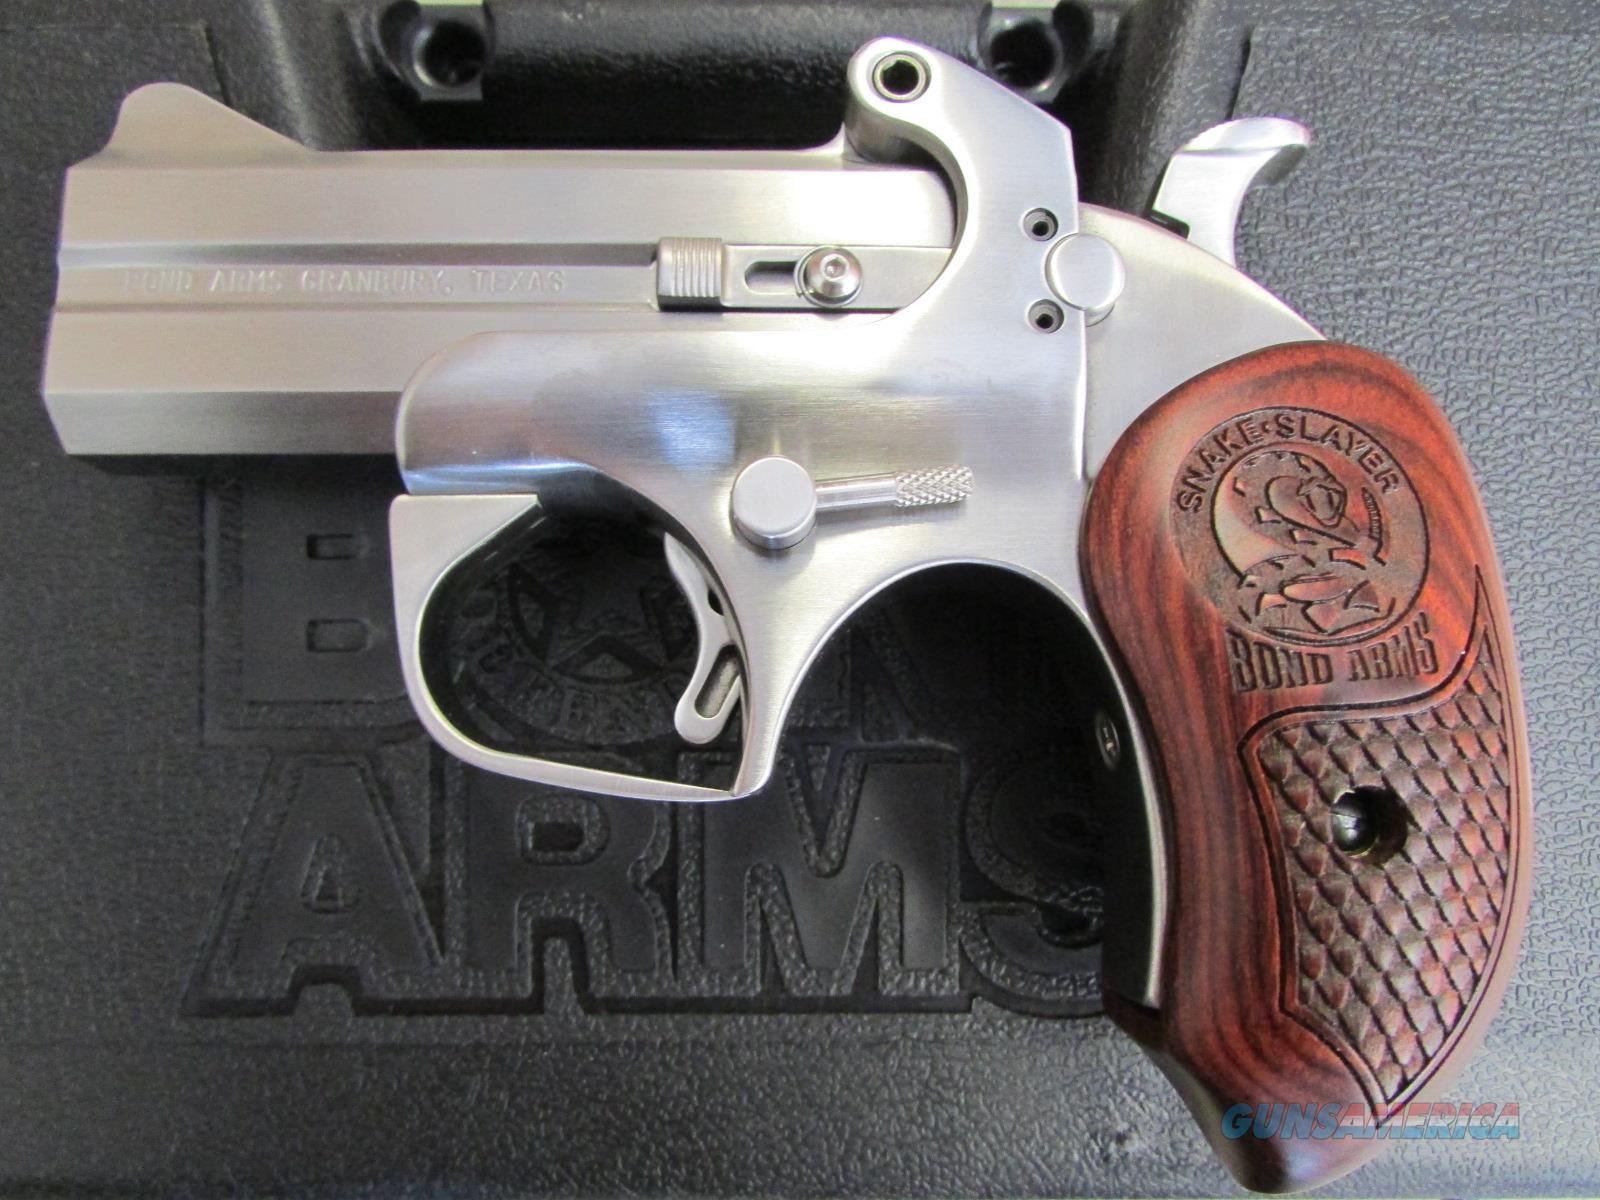 bond arms snake slayer iv 4quot 45 colt 410 de for sale